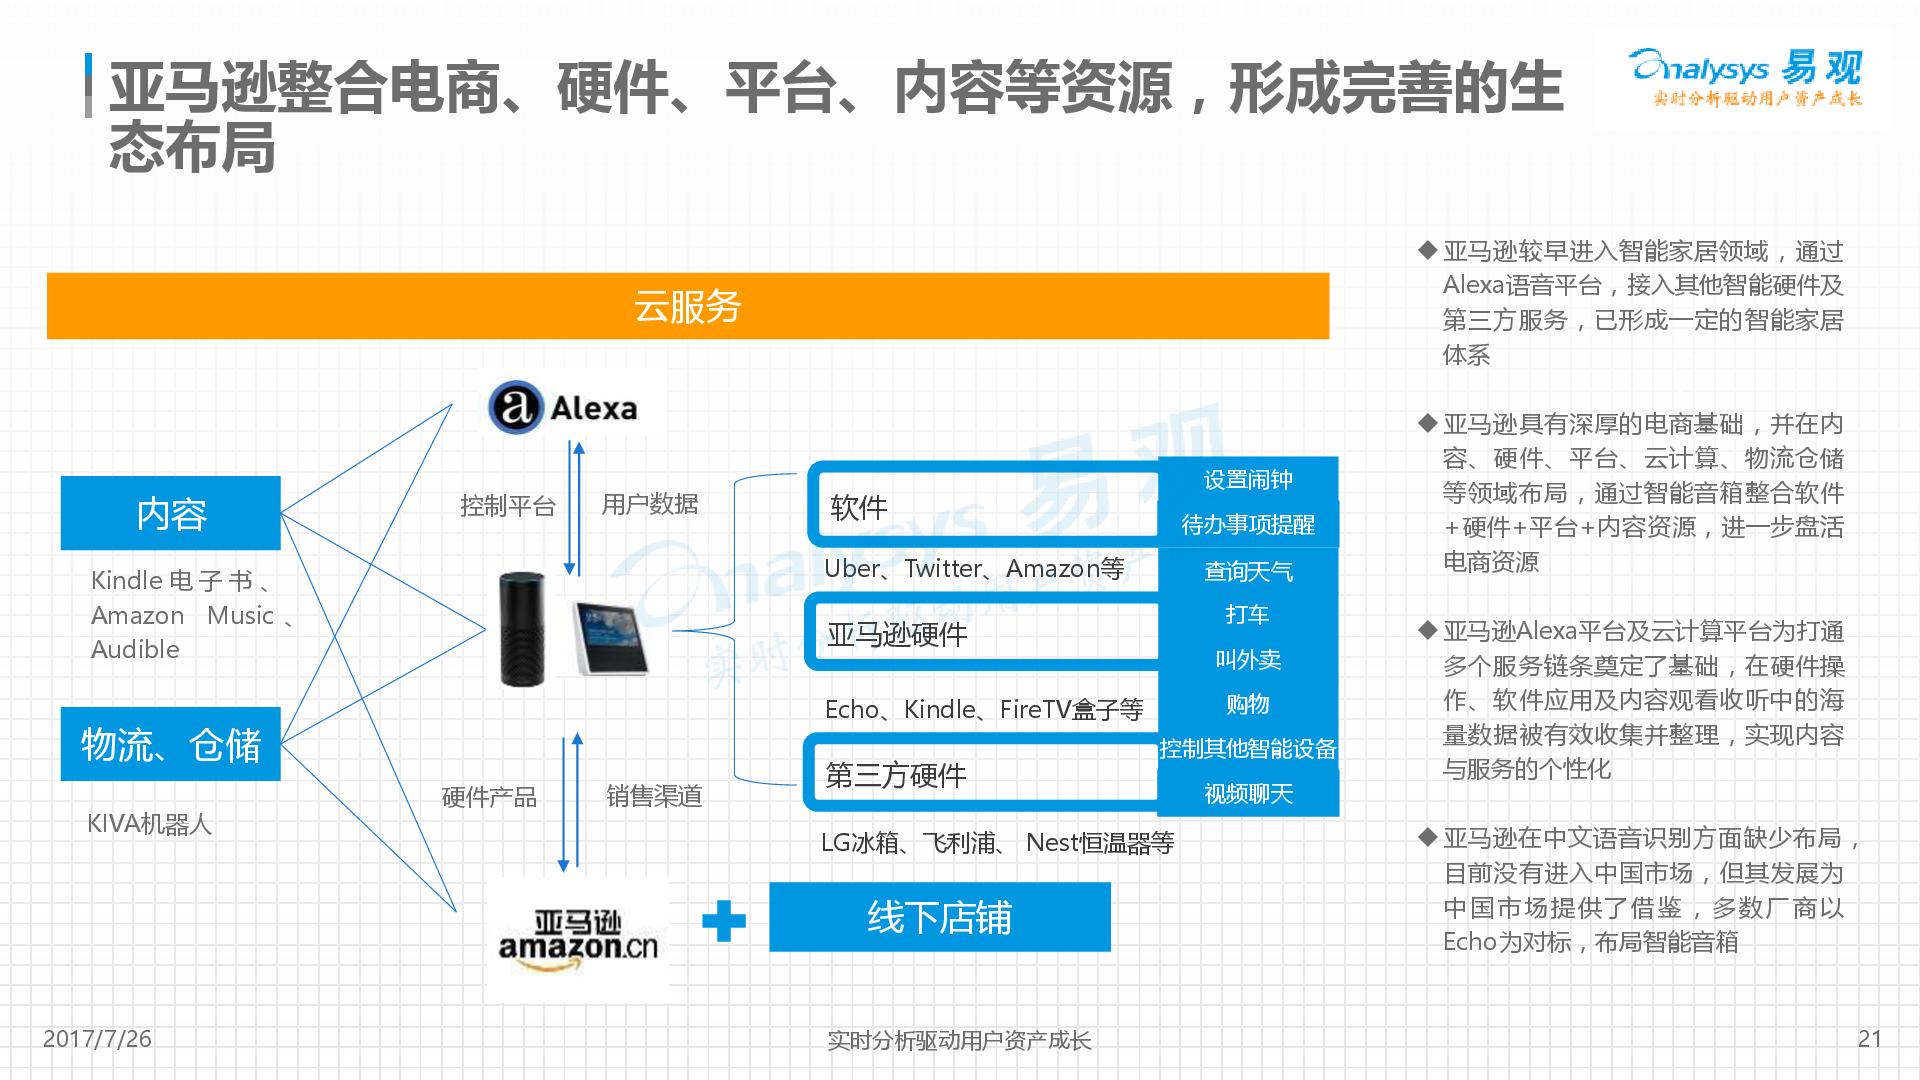 易观:中国智能音箱产业发展分析2017-新音乐产业观察